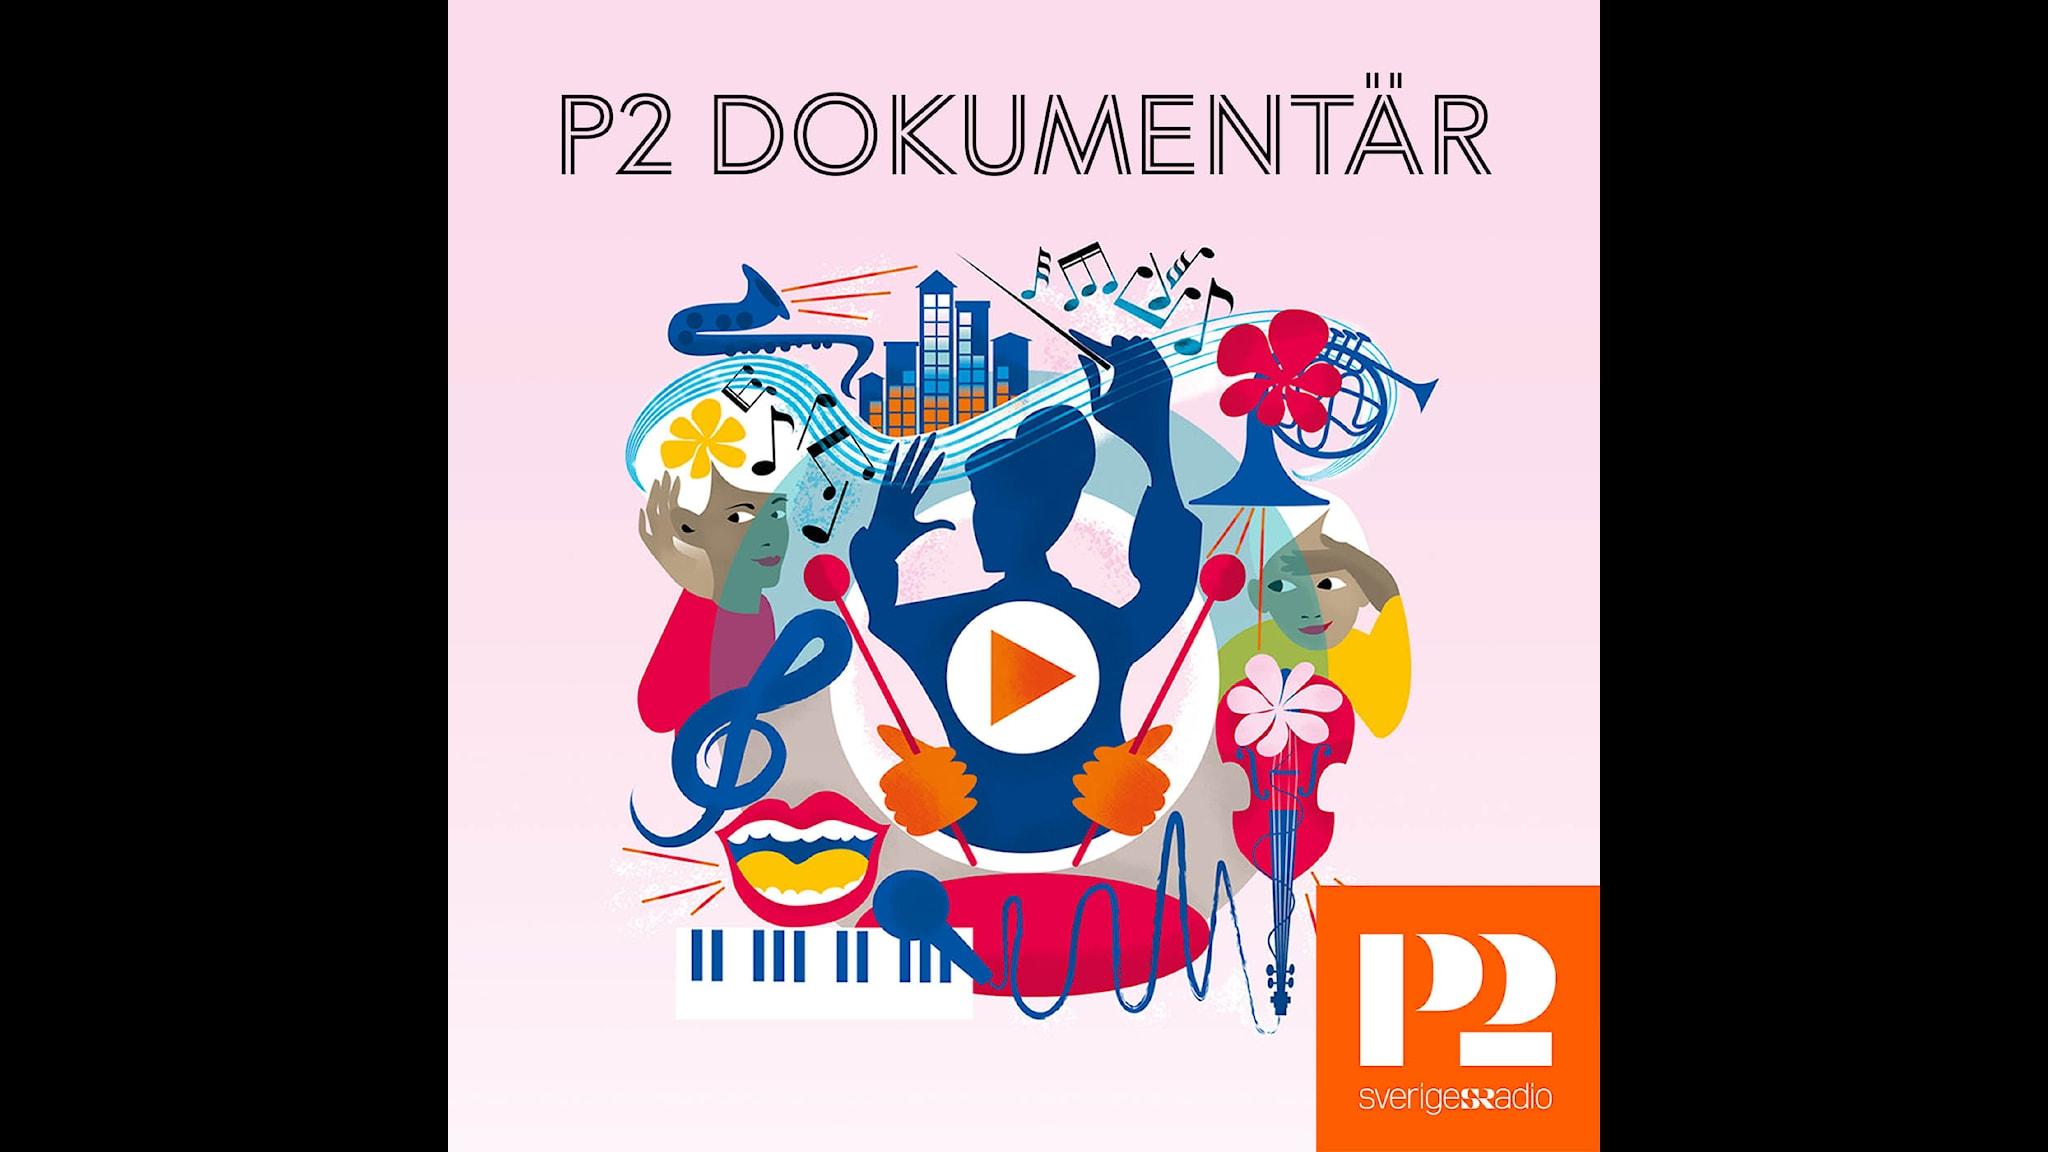 Megastjärnan Franz Liszt del 2/2